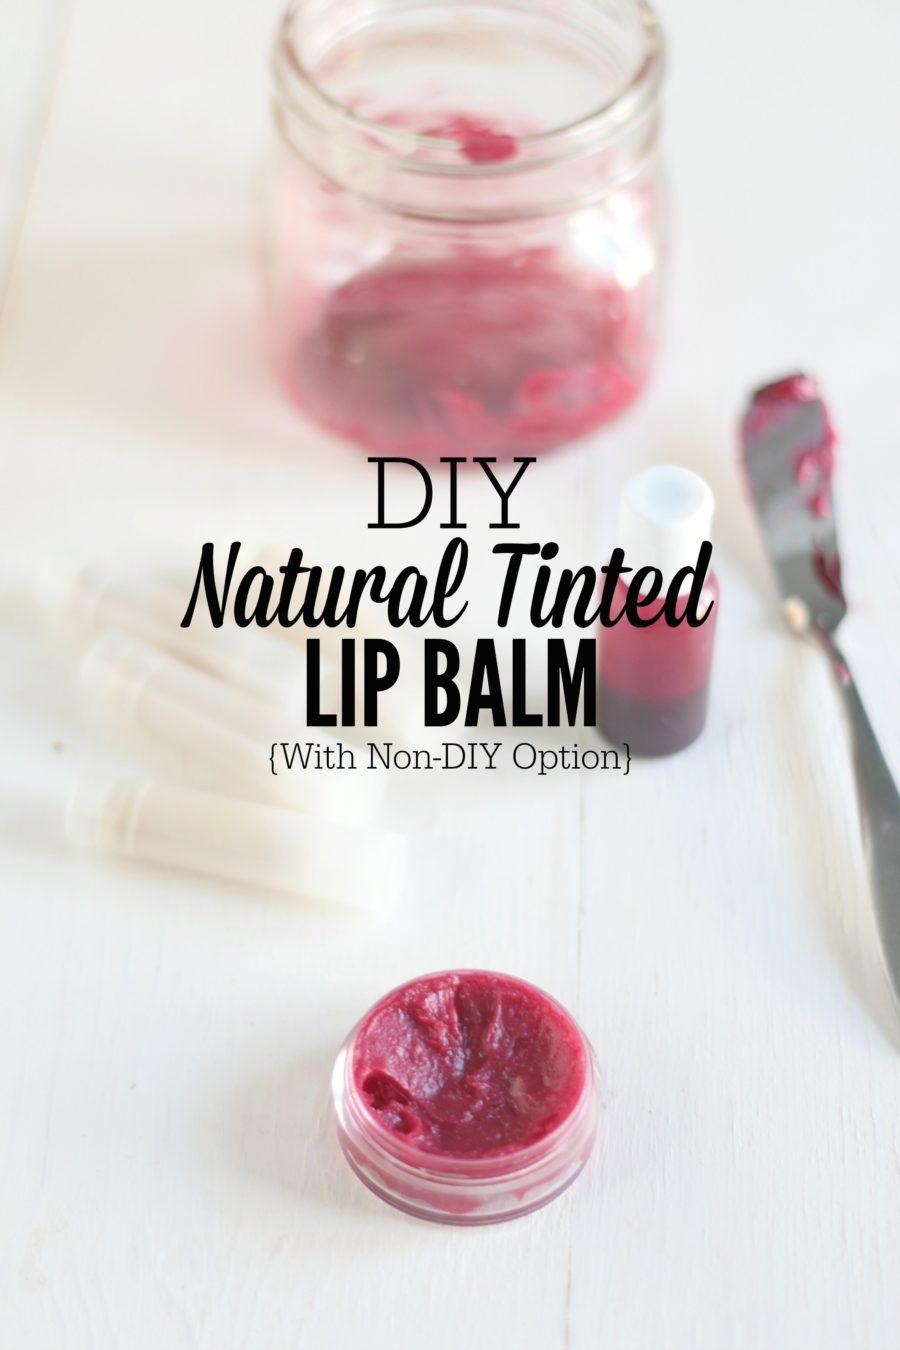 DIY Natural Tinted Lip Balm {With Easy Non-DIY Option}